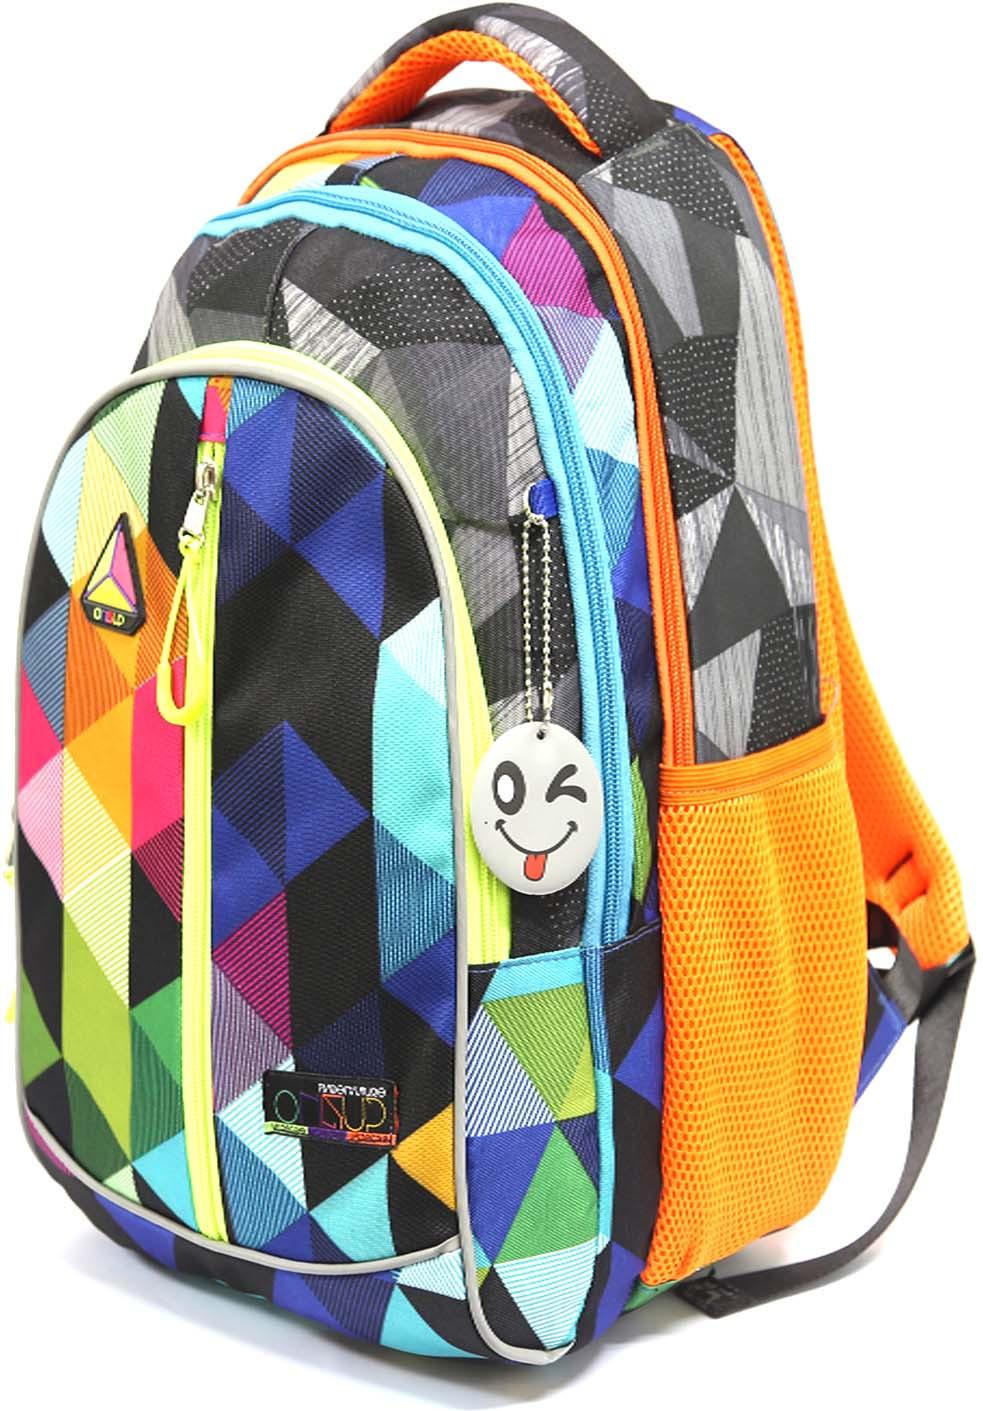 Рюкзак детский UFO People, цвет: оранжевый. 7663 цены онлайн